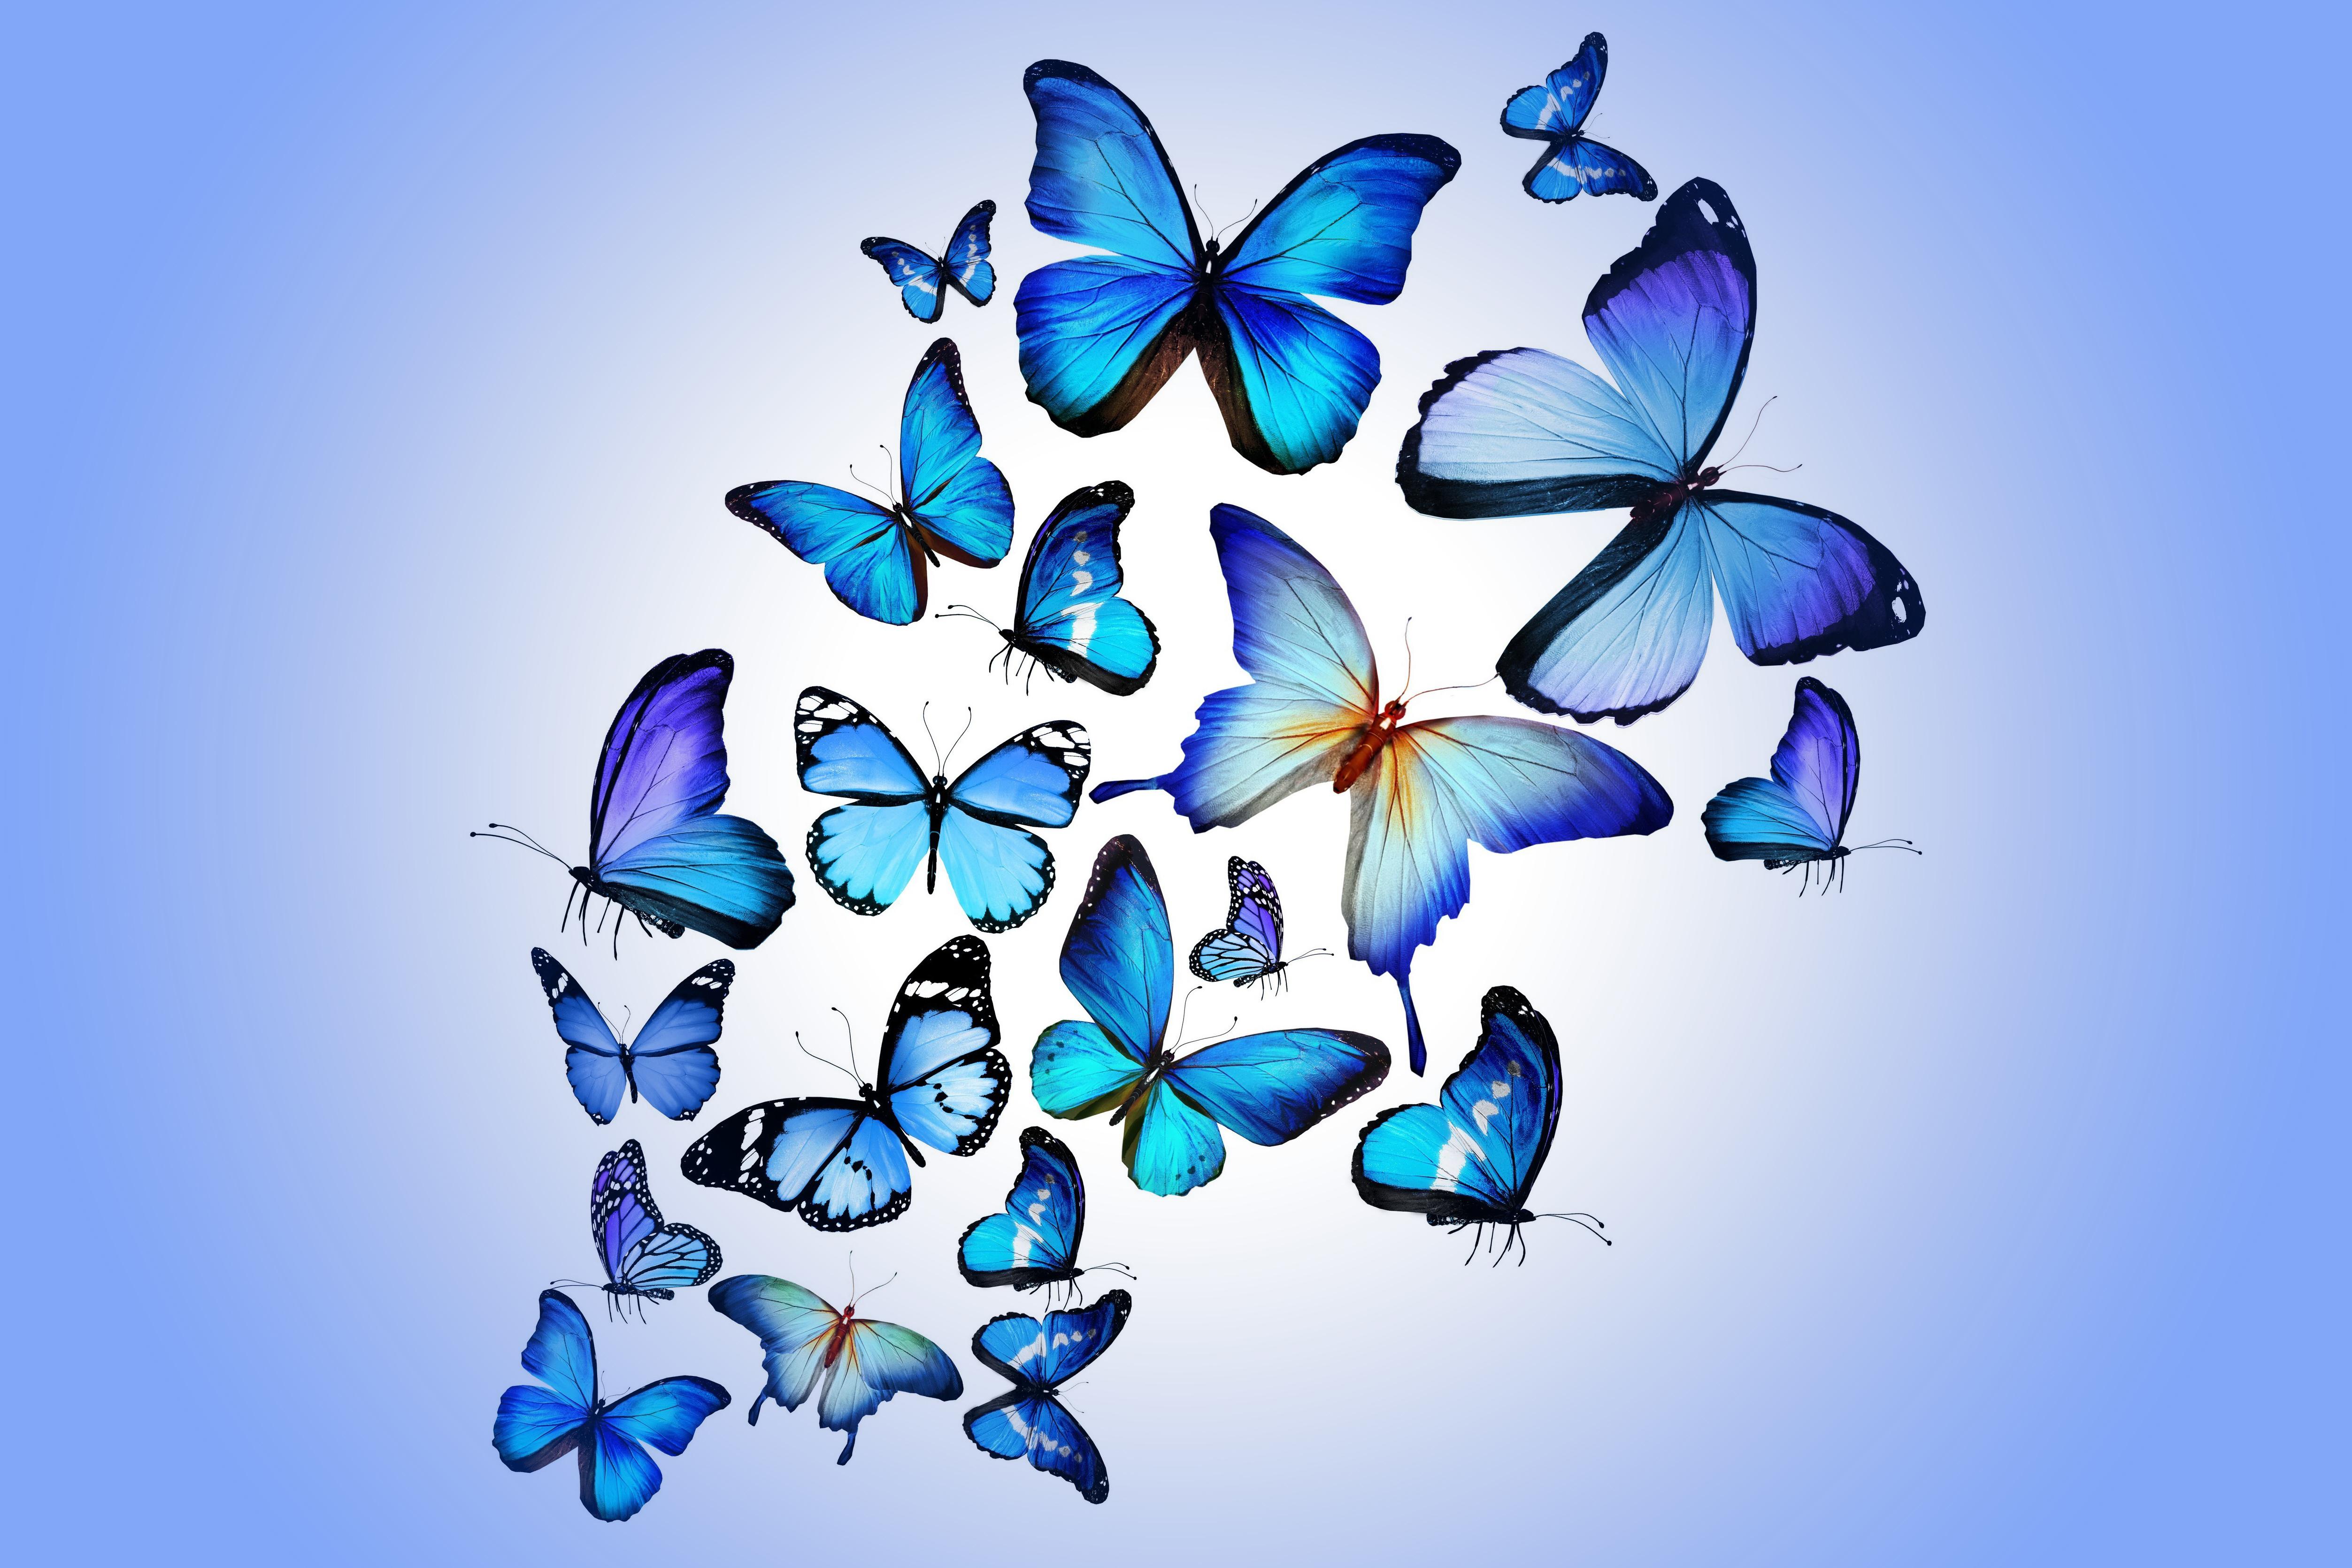 121254 скачать обои Бабочки, Красиво, Арт, Разноцветный, Синий, Рисунок - заставки и картинки бесплатно